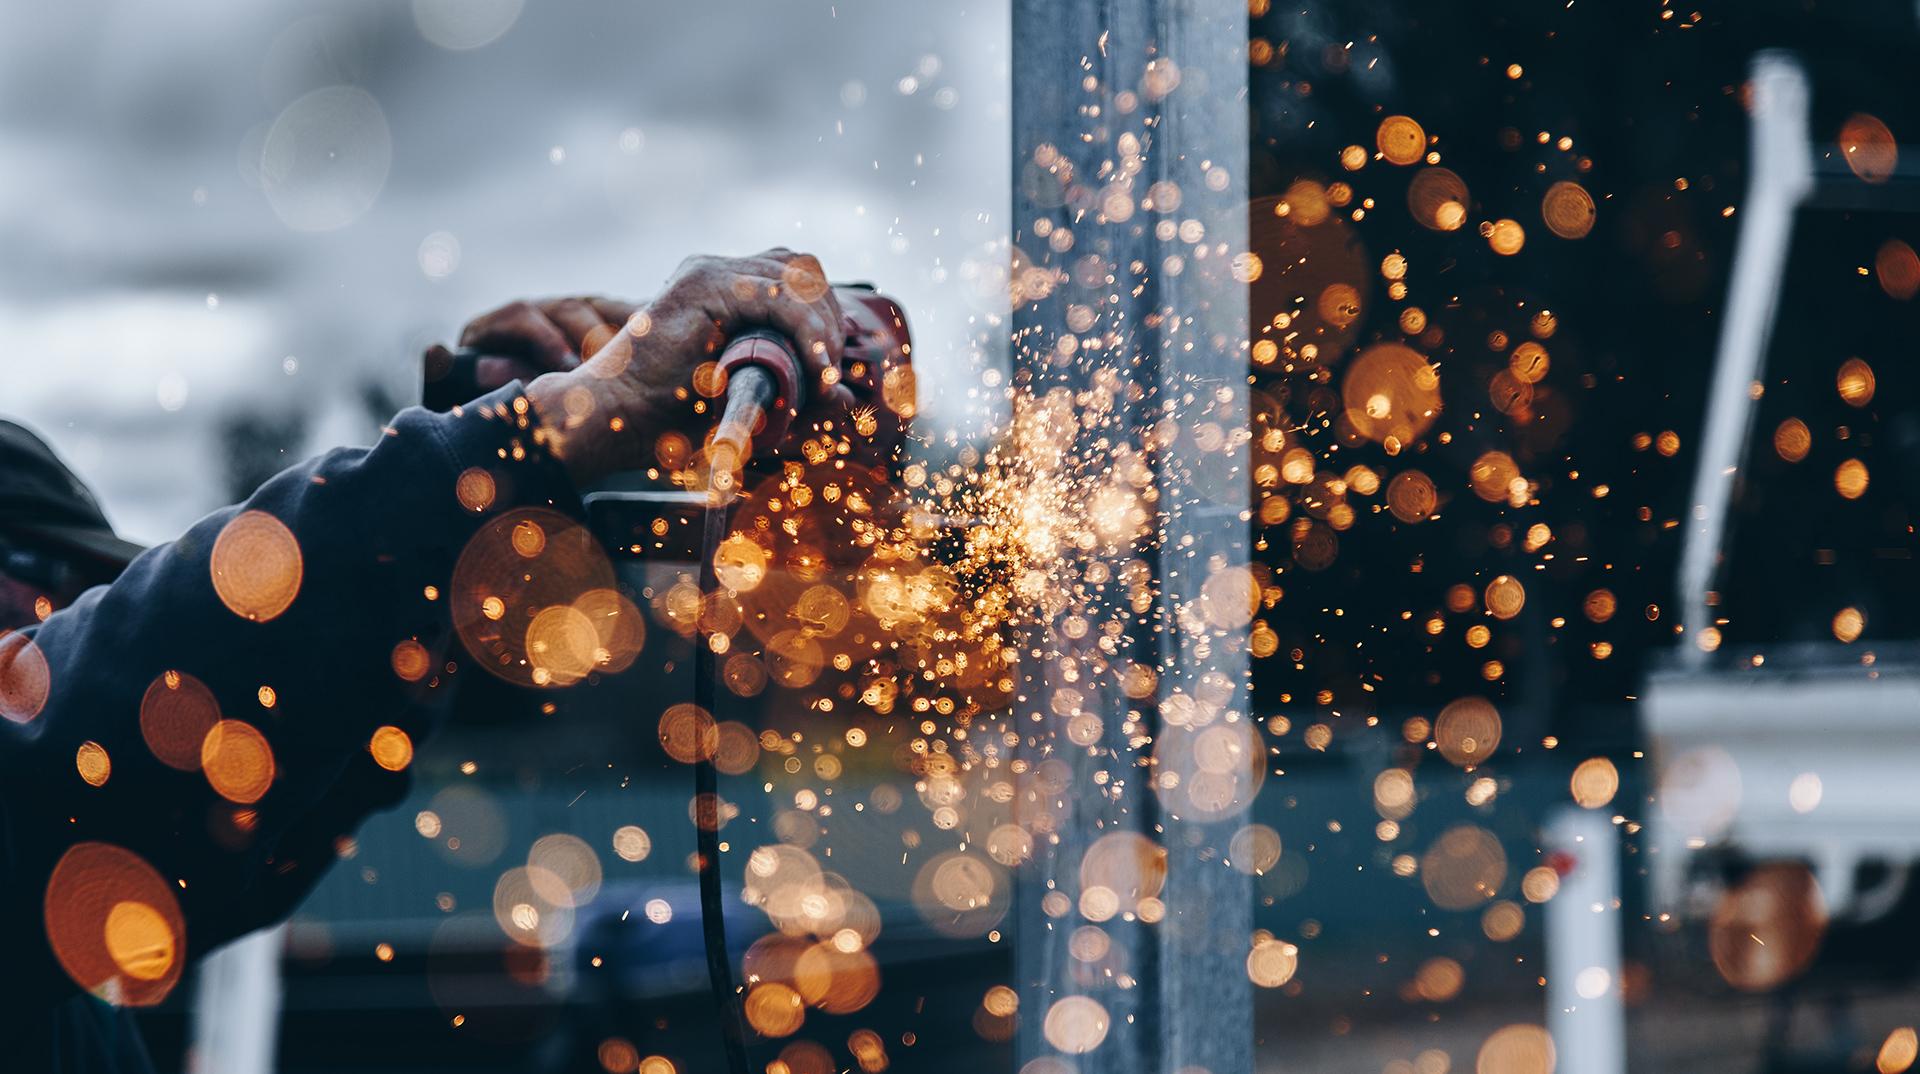 Arbeitssicherheit einhalten Funken sprühen schleifen Hände